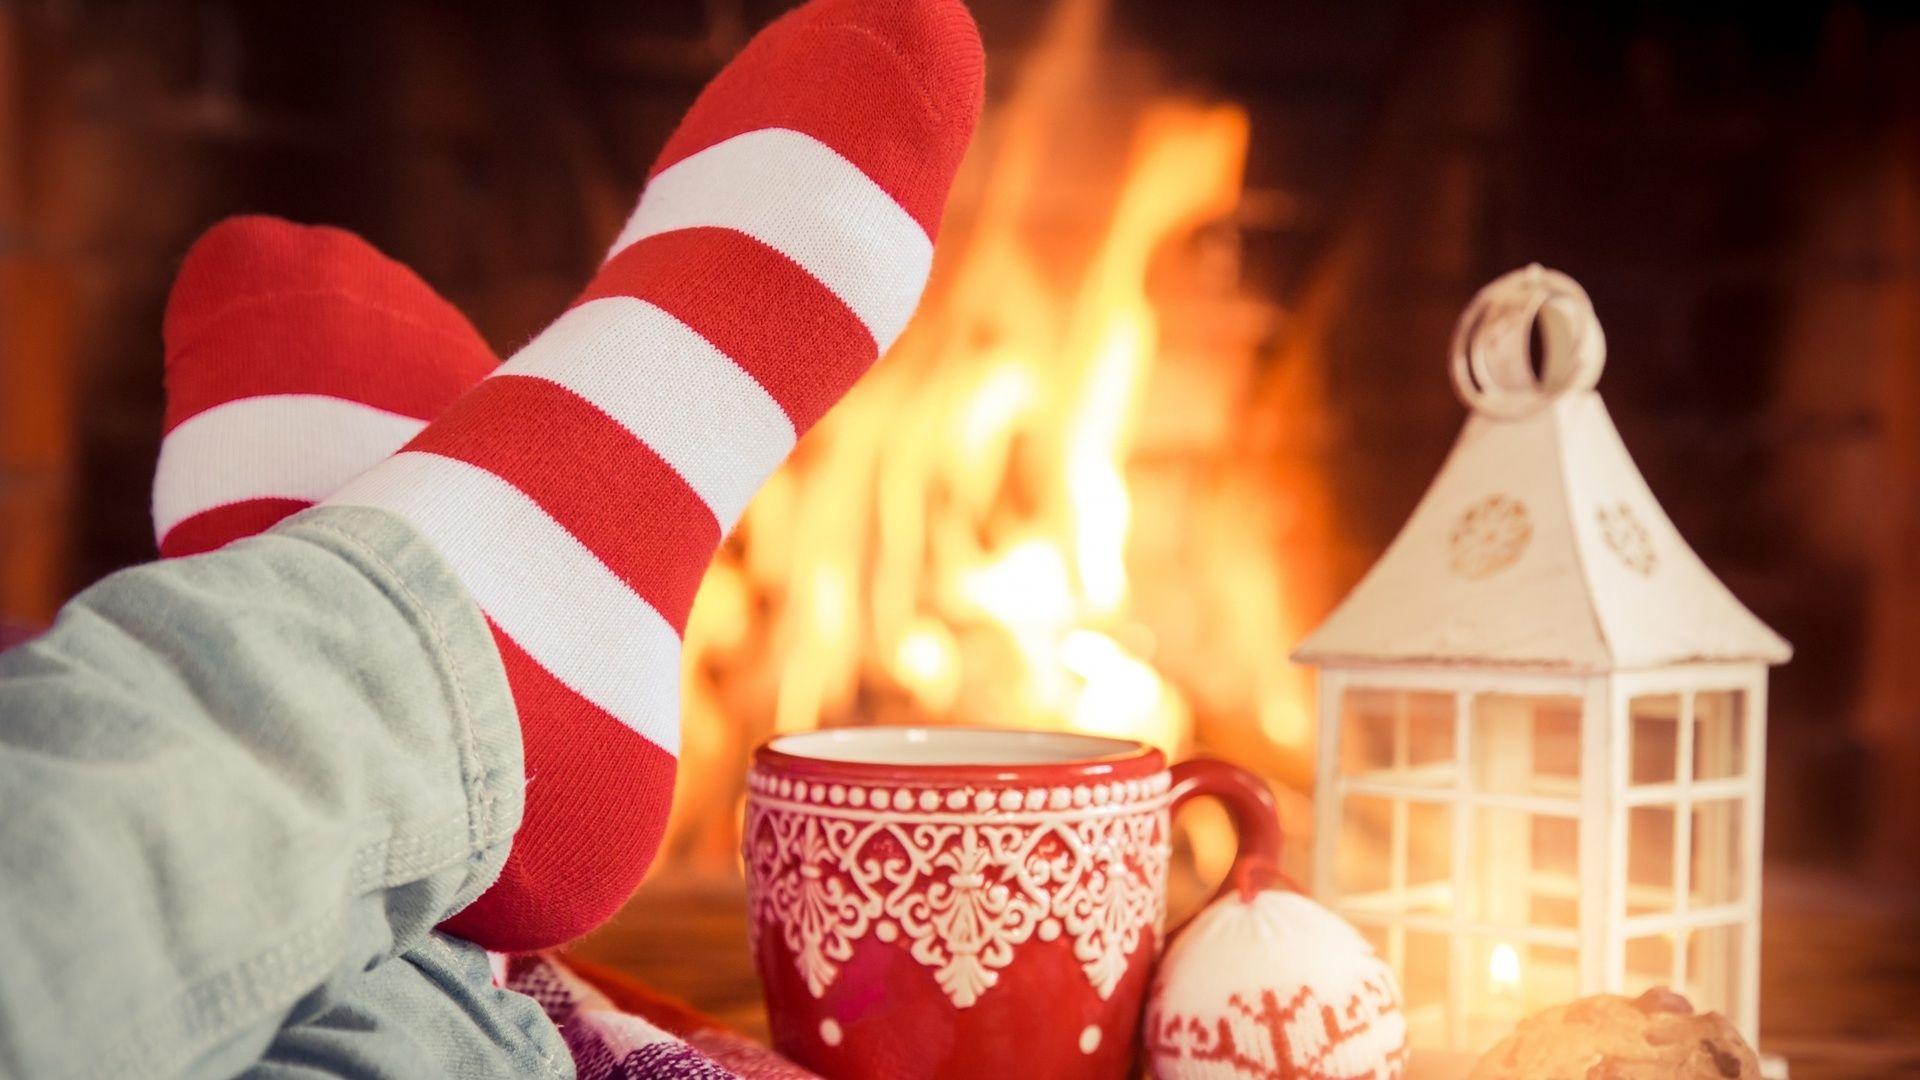 Christmas Fireplace Comfort Image